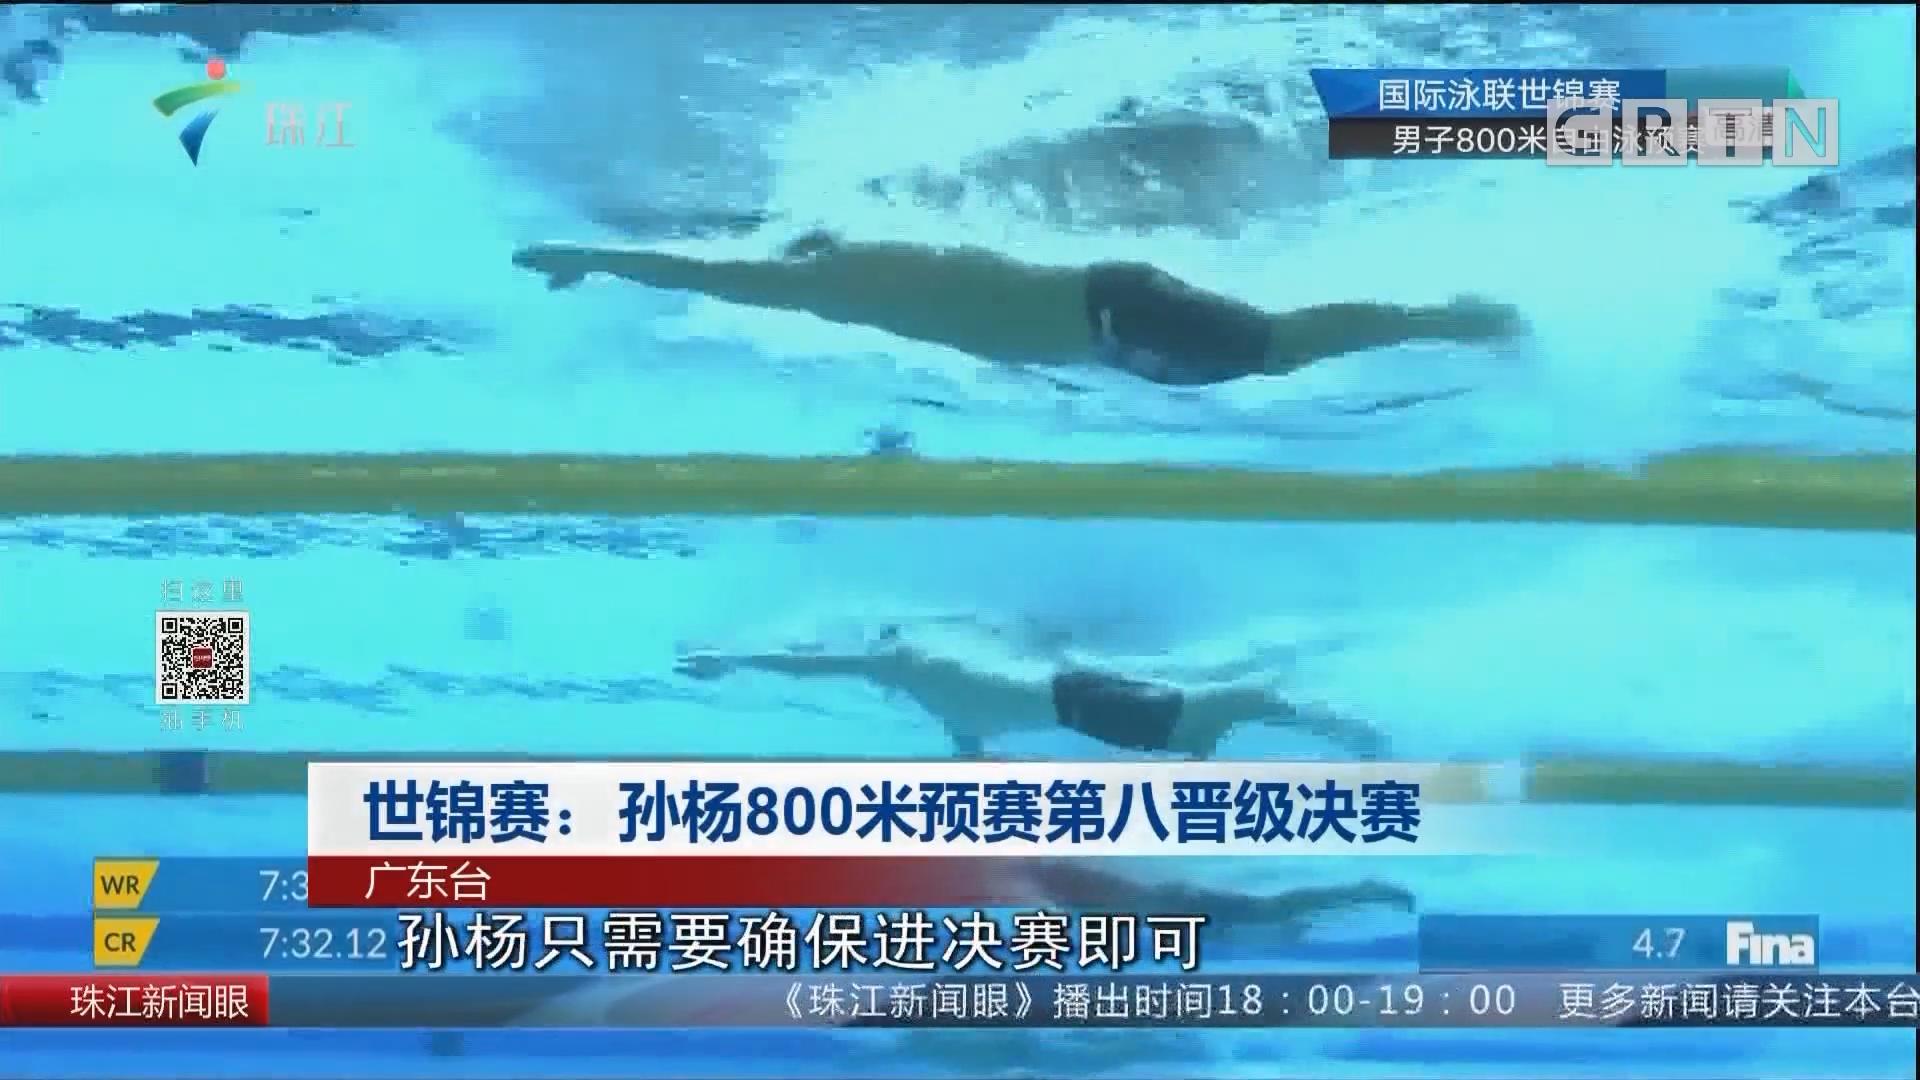 世锦赛:孙杨800米预赛第八晋级决赛